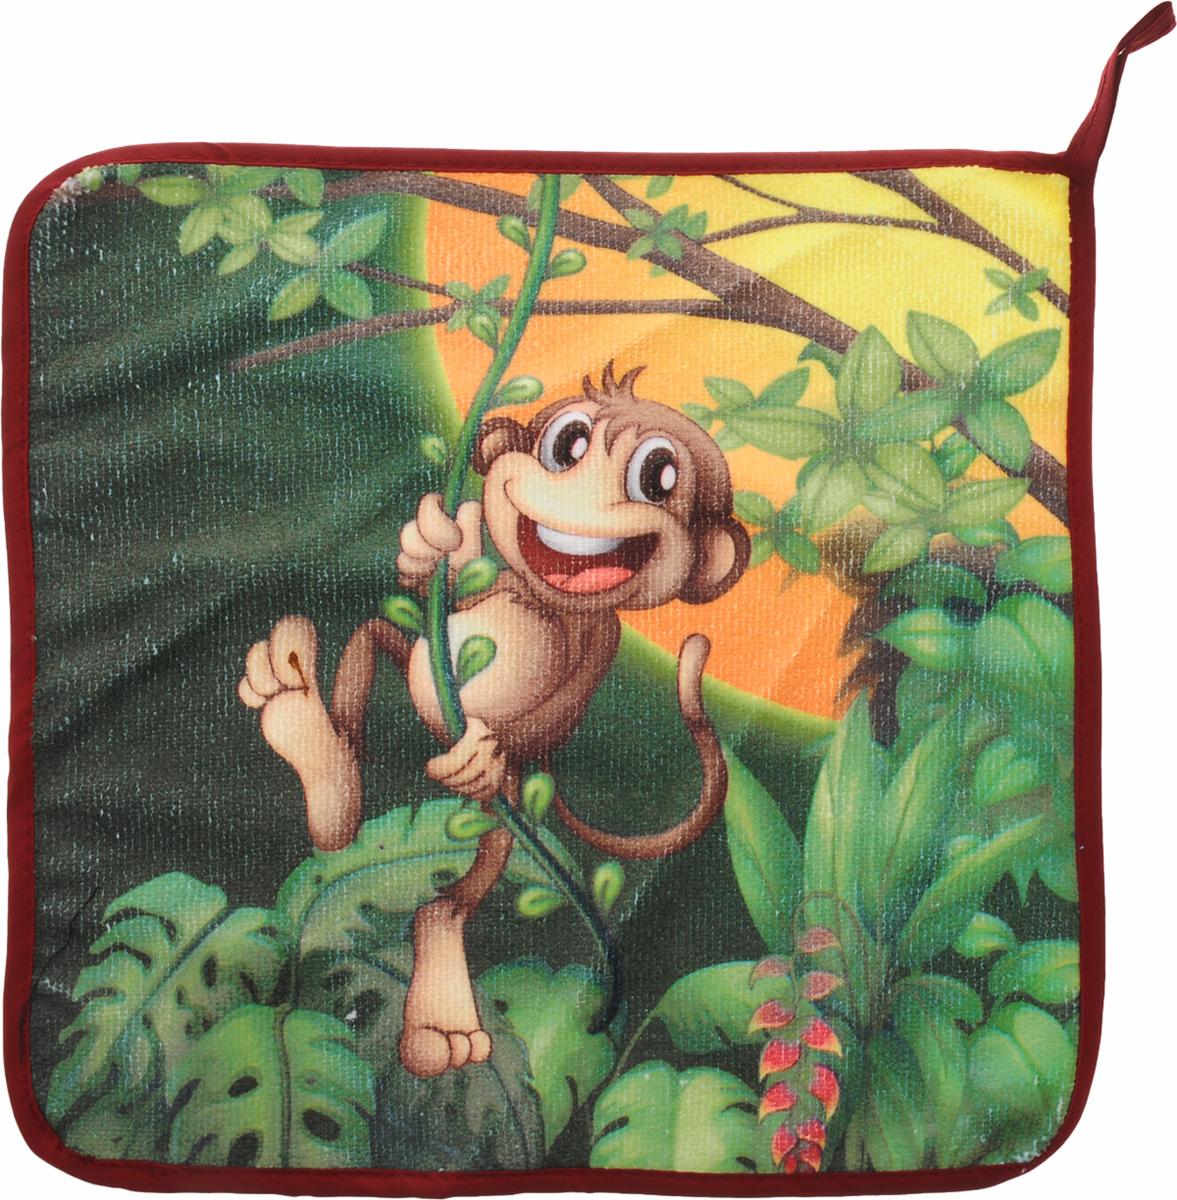 Салфетка кухонная Soavita Monkey, 30 х 30 см. 8059280592Кухонная салфетка Soavita Monkey выполнена из высококачественной микрофибры (80% полиэстер, 20% полиамид) и оснащена петелькой для подвешивания. Изделие отлично впитывает влагу, быстро сохнет, сохраняет яркость цвета и не теряет форму даже после многократных стирок. Салфетка очень практична и неприхотлива в уходе. Она создаст прекрасное настроение и украсит интерьер вашей кухни.